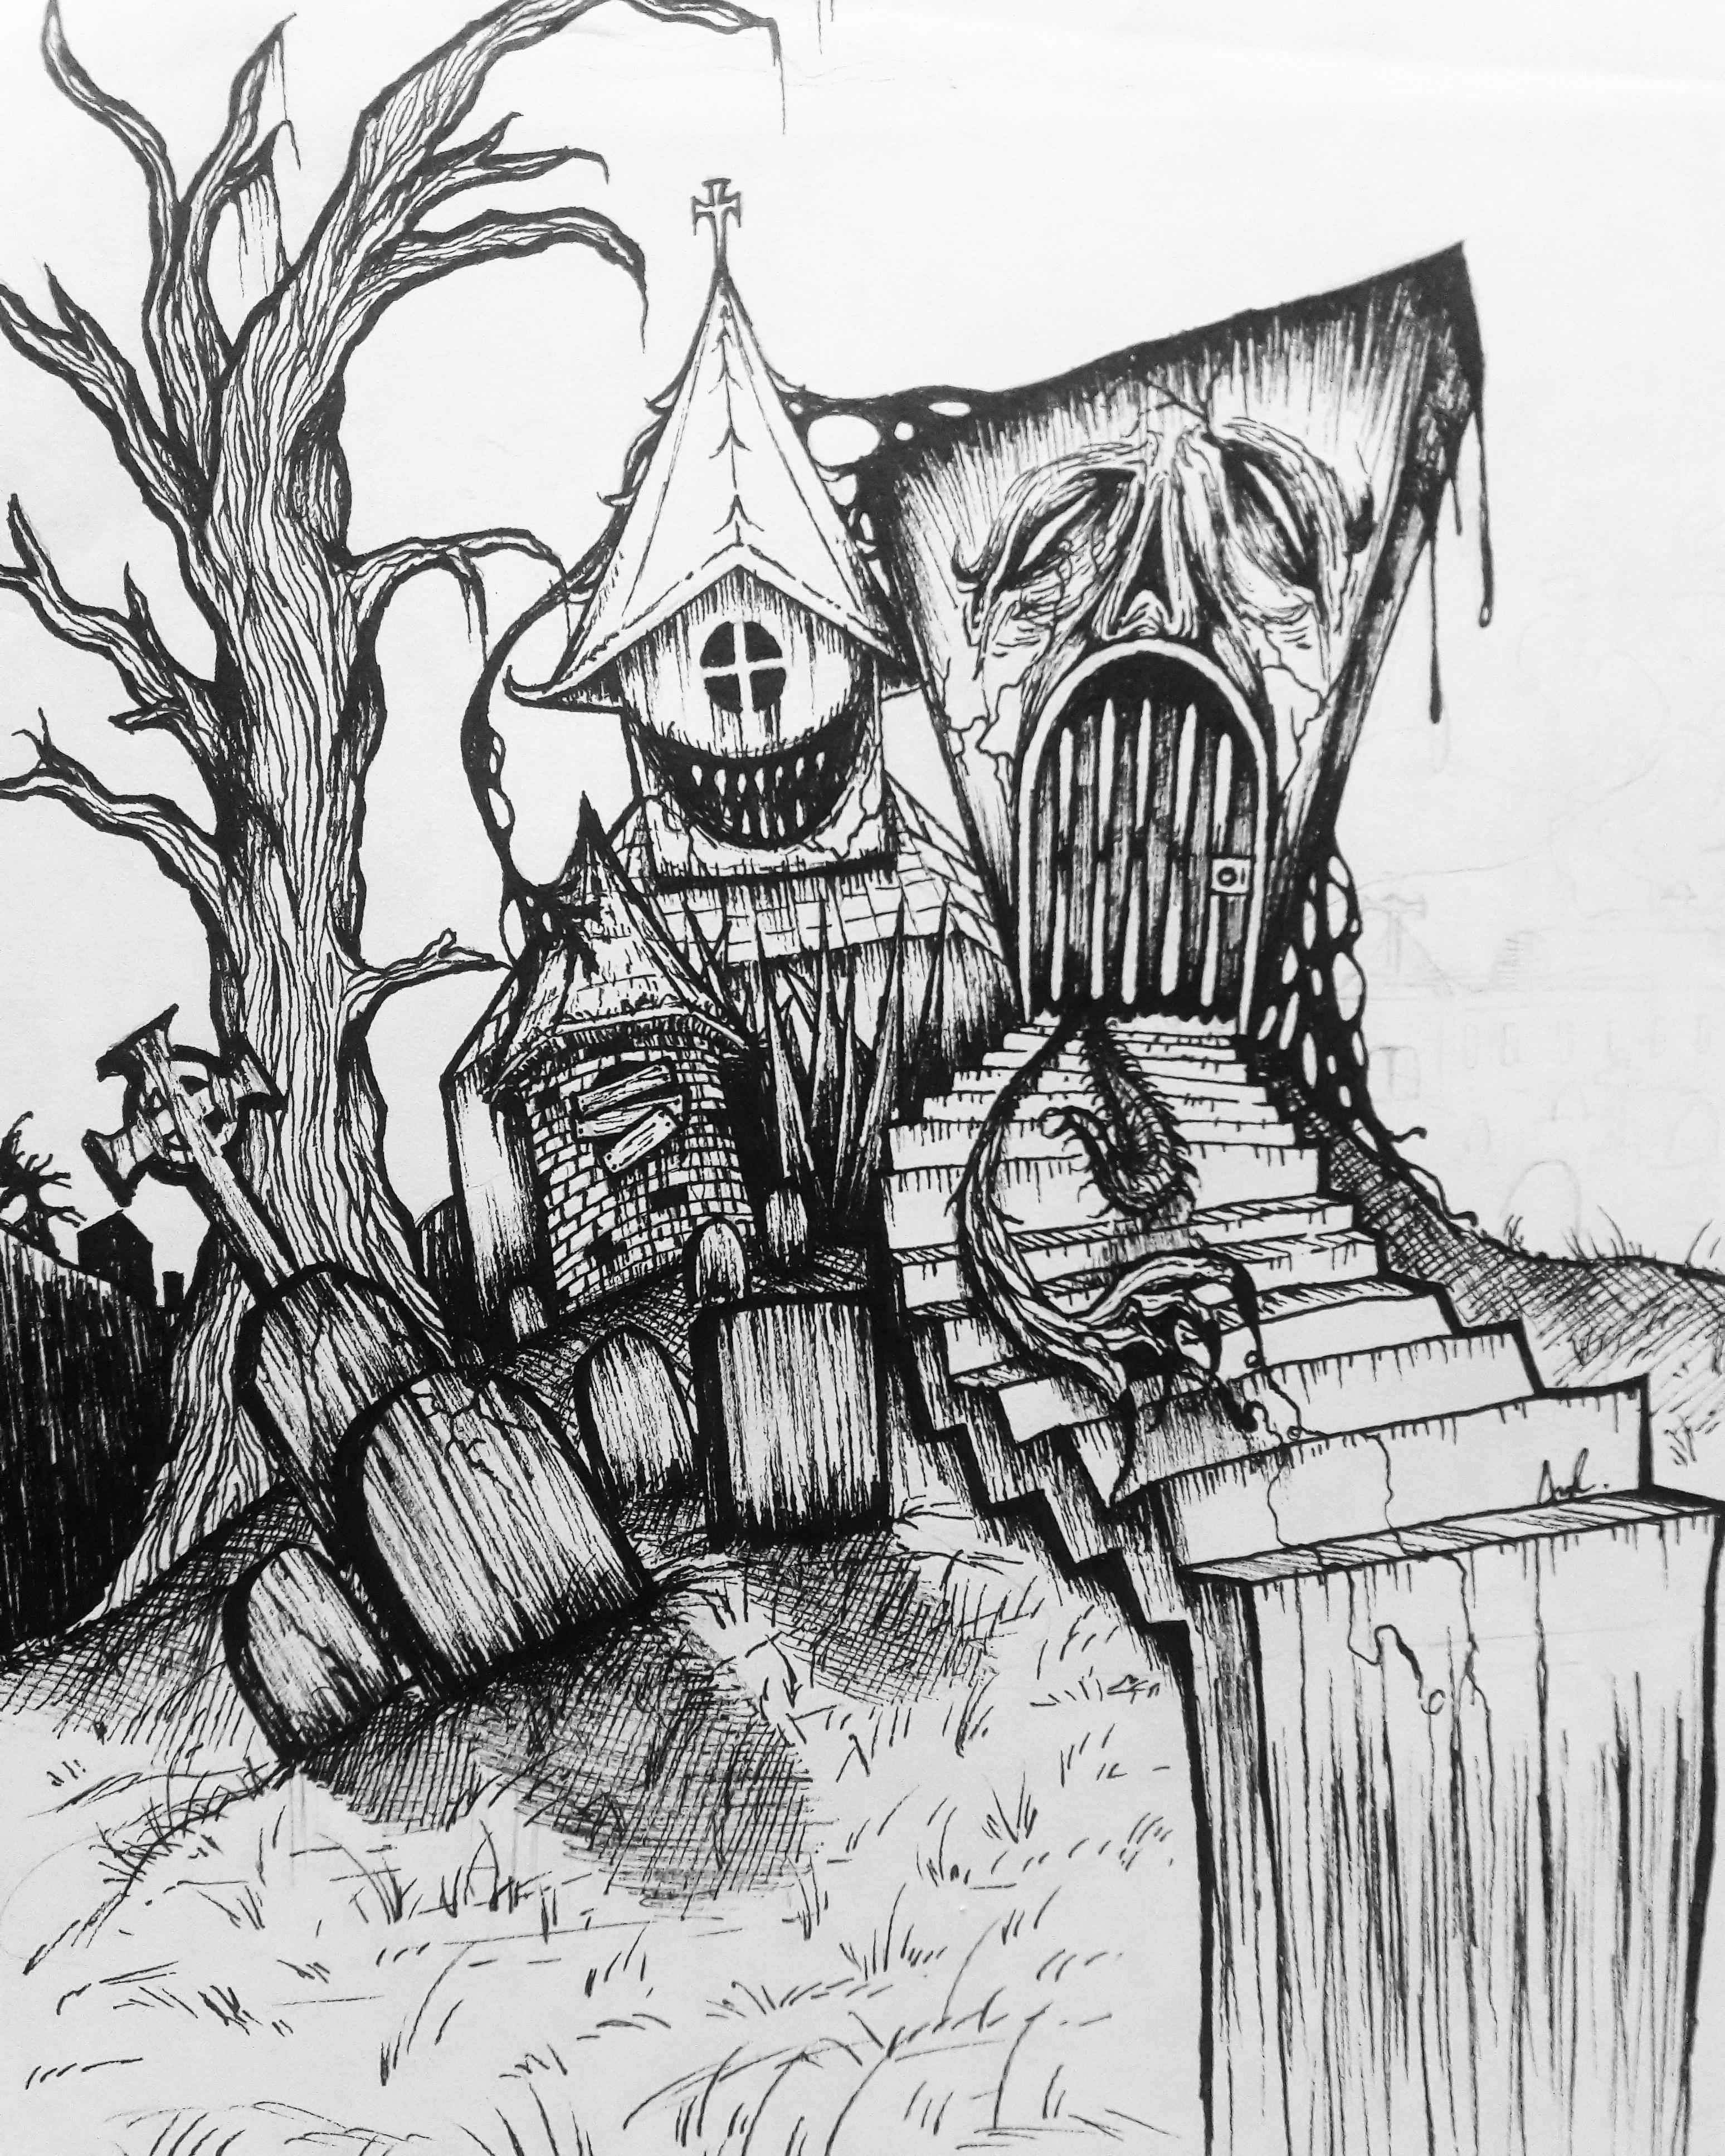 Inktober Day 2 - Spooky Cemetary